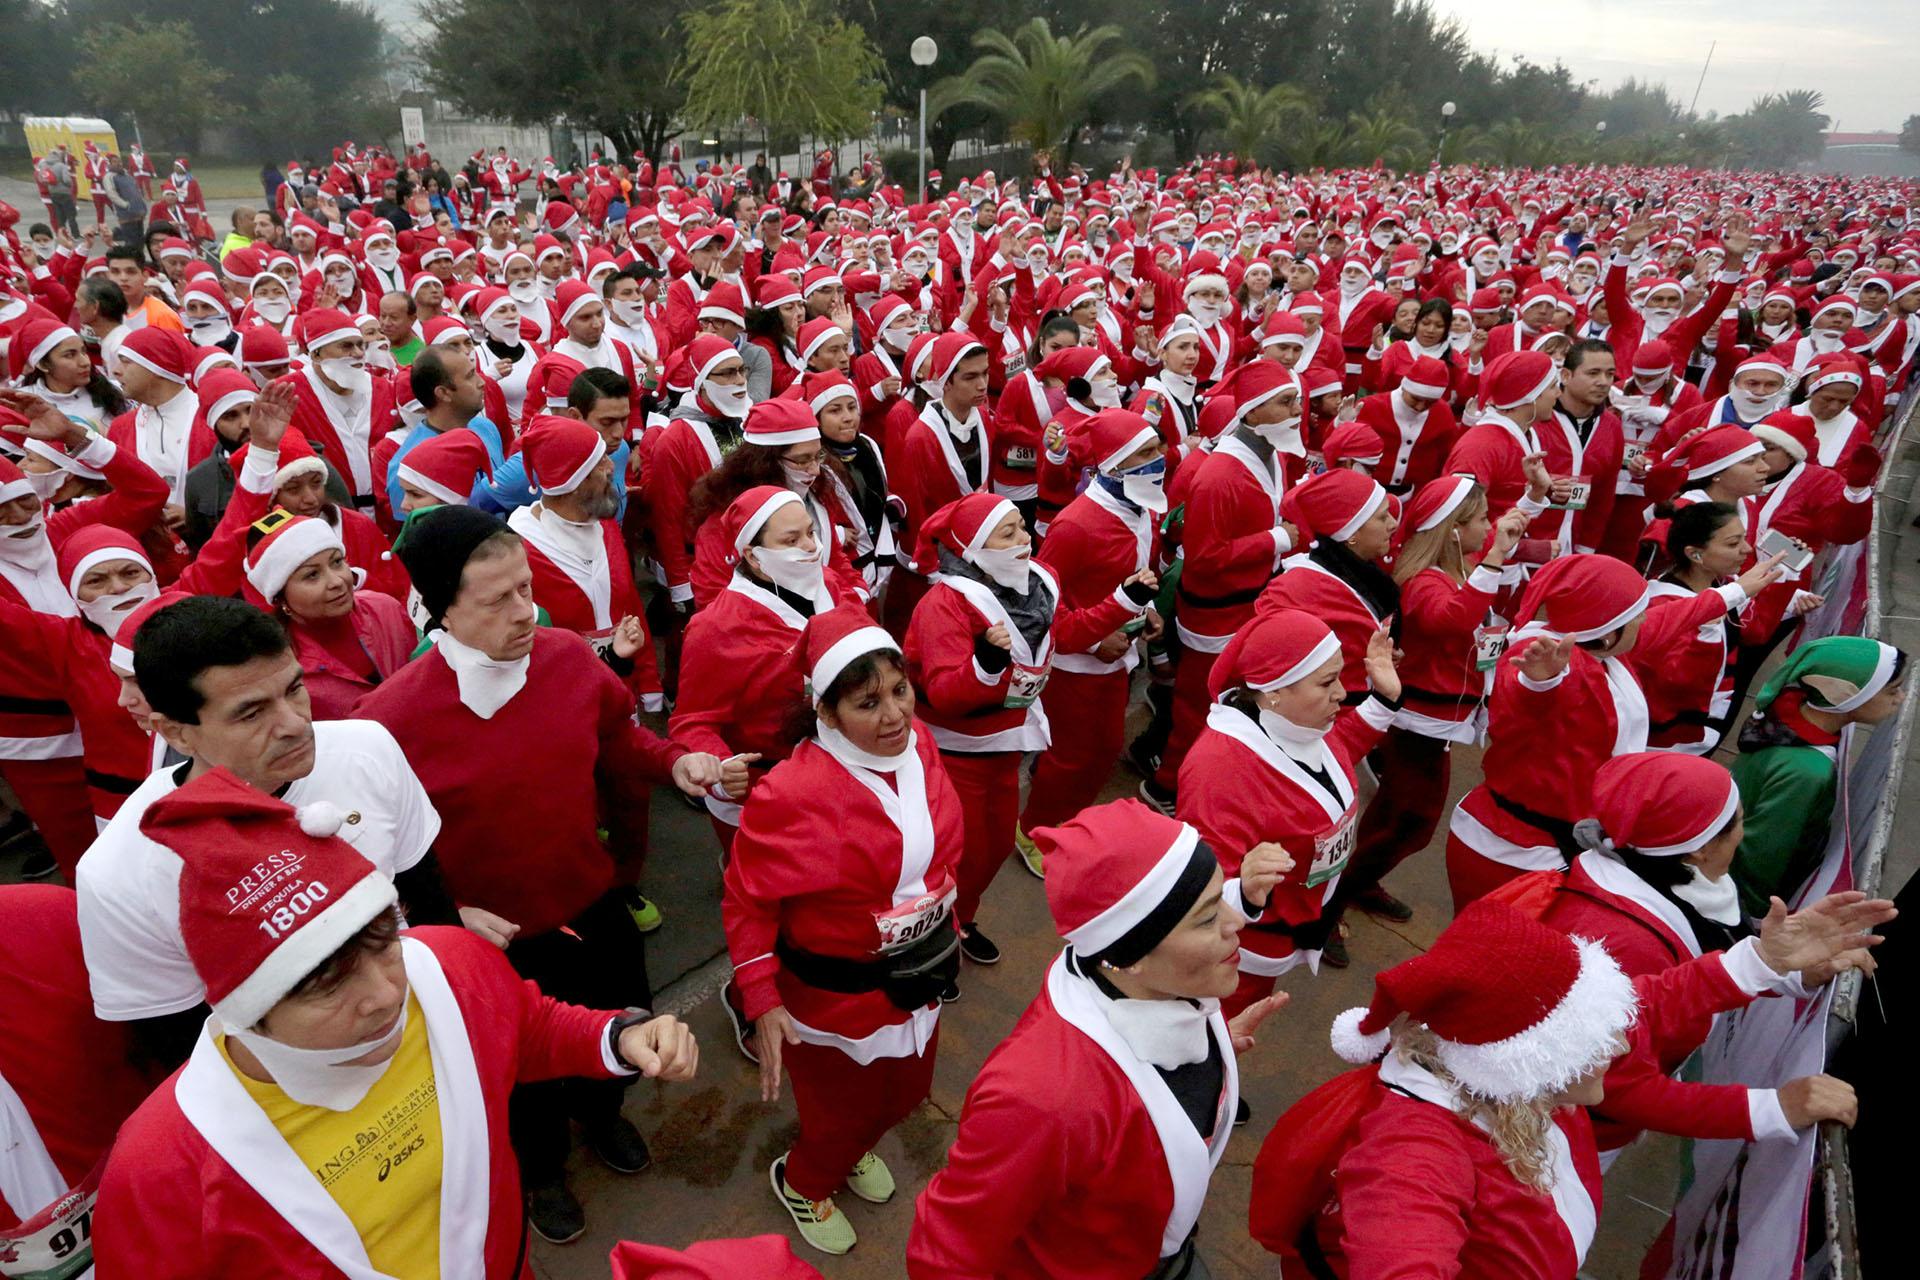 """Corredores participan en la carrera anual conocida como """"Run Santa Run"""" en el Parque Fundidora en Monterrey, México el 17 de diciembre de 2017. (Reuters)"""